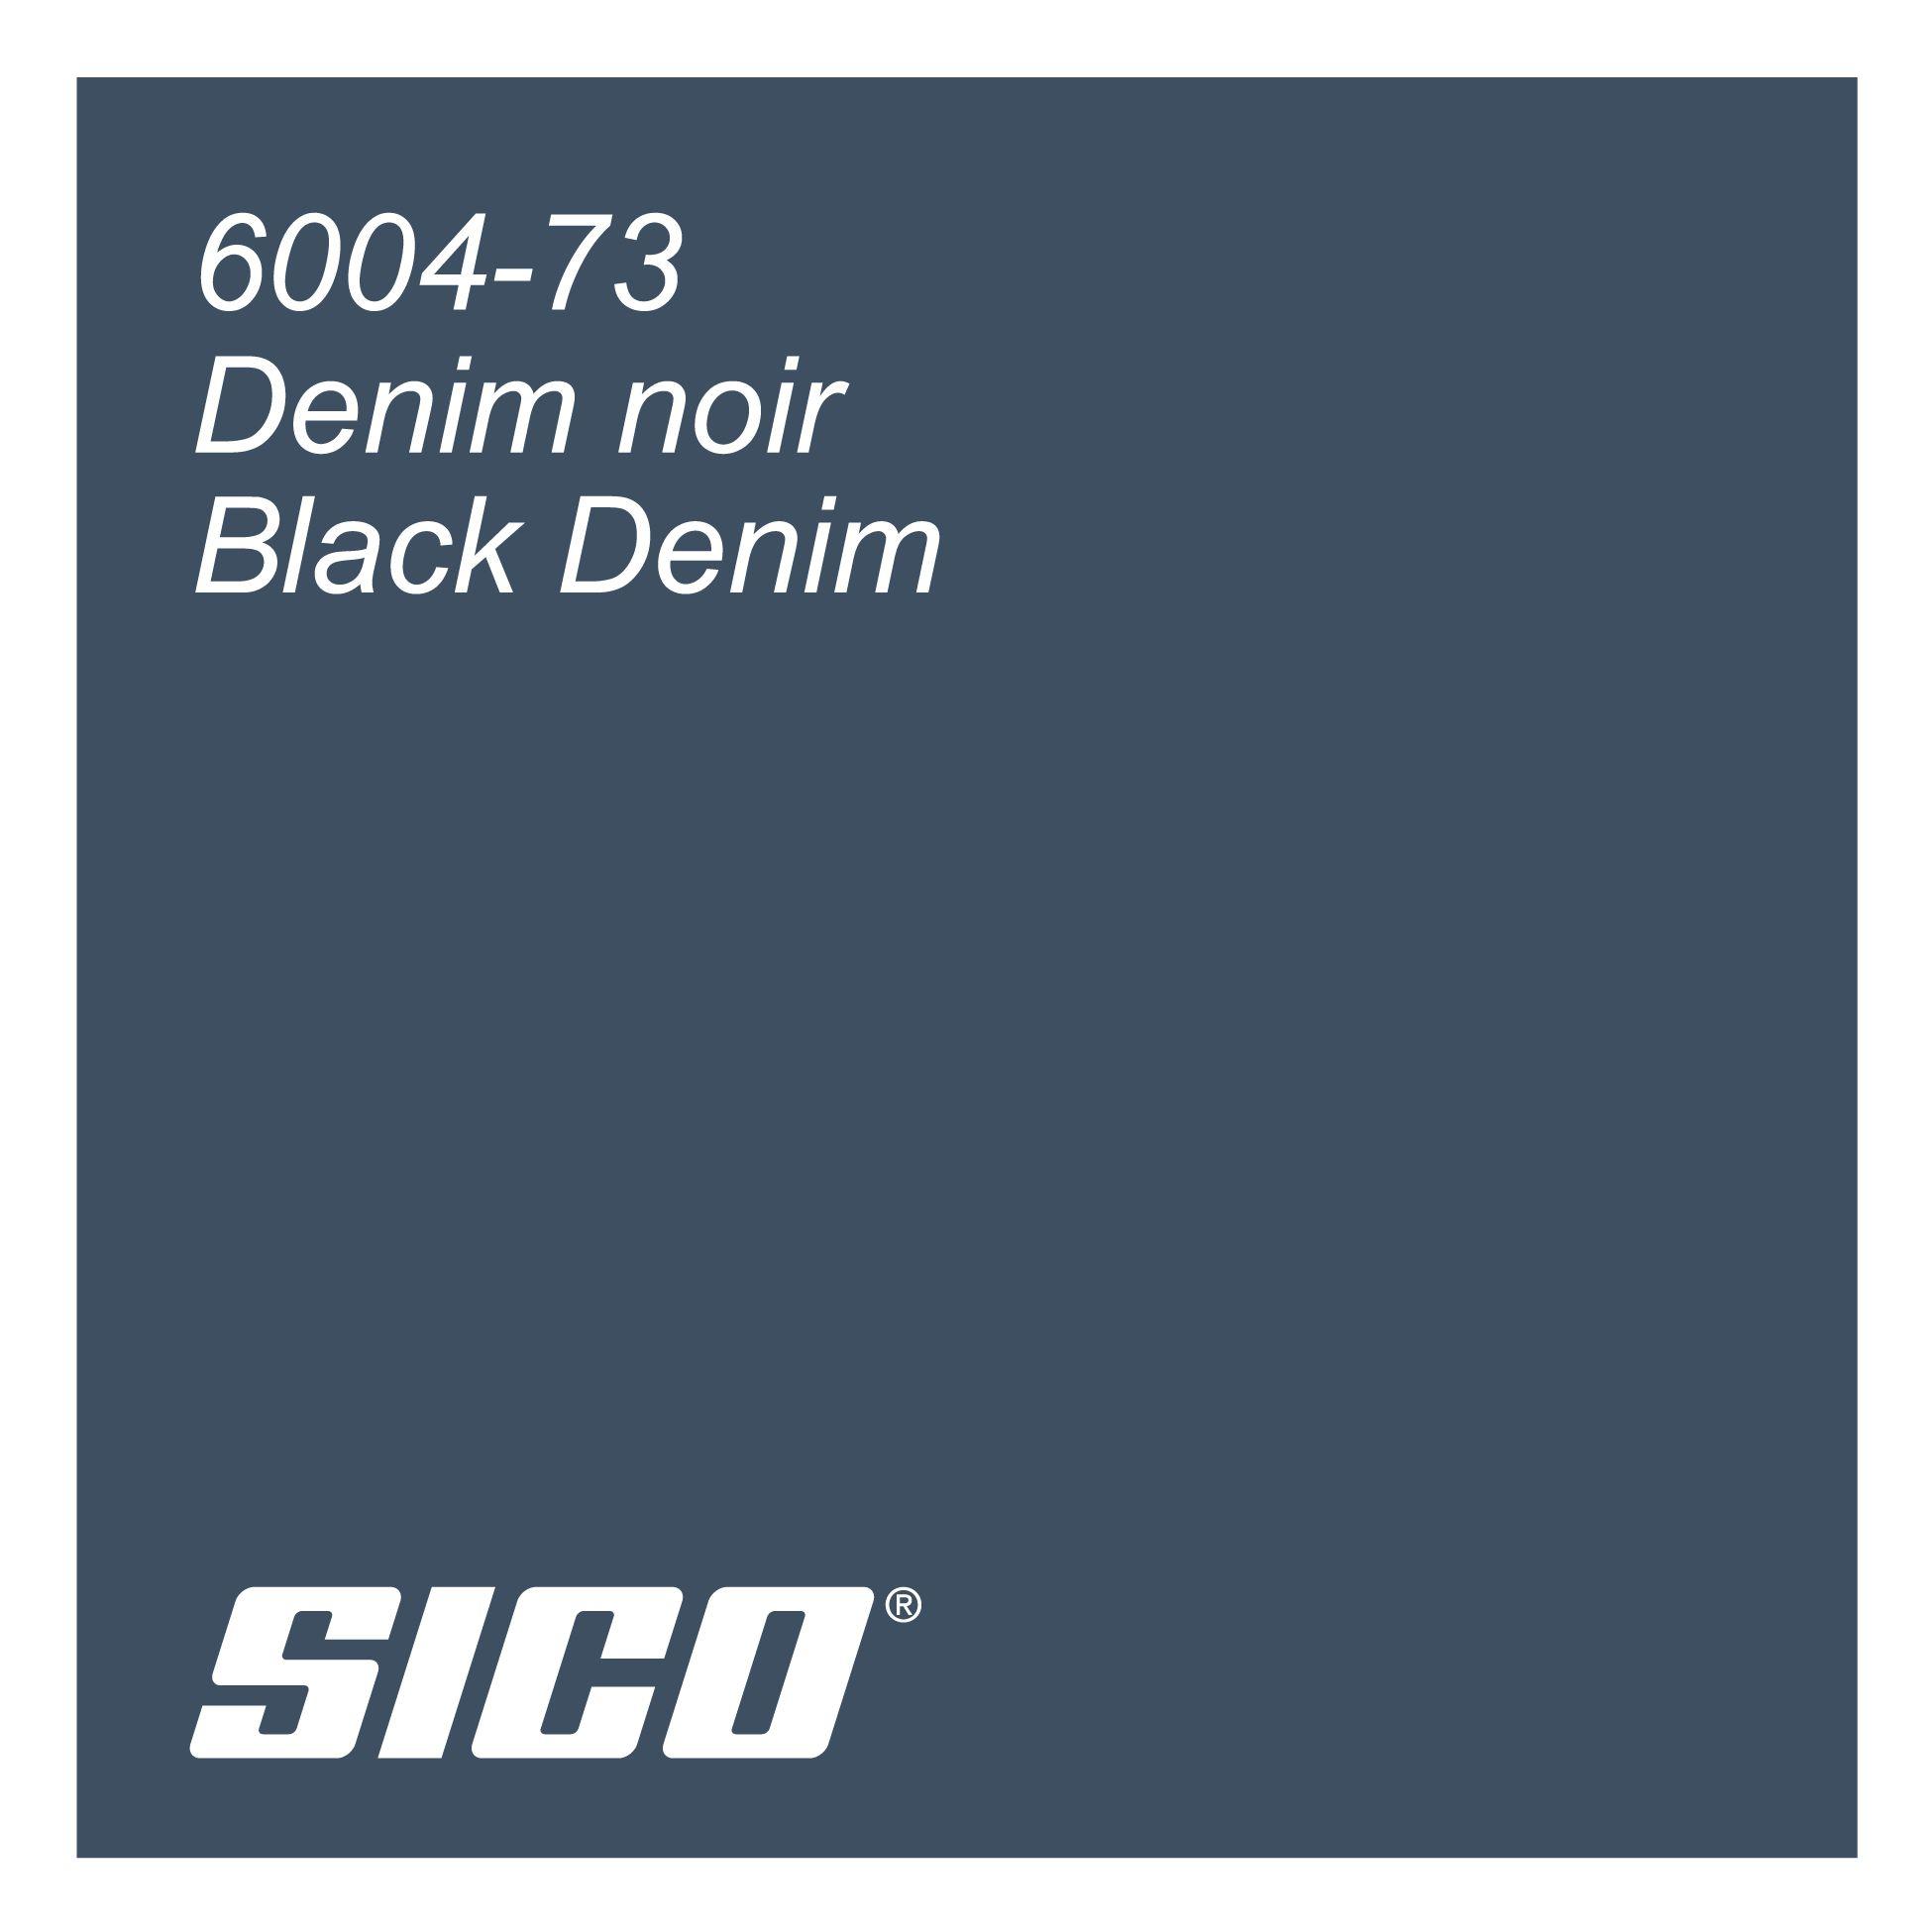 Black Denim Blue Paint Colour By Sico Paints Denim Noir